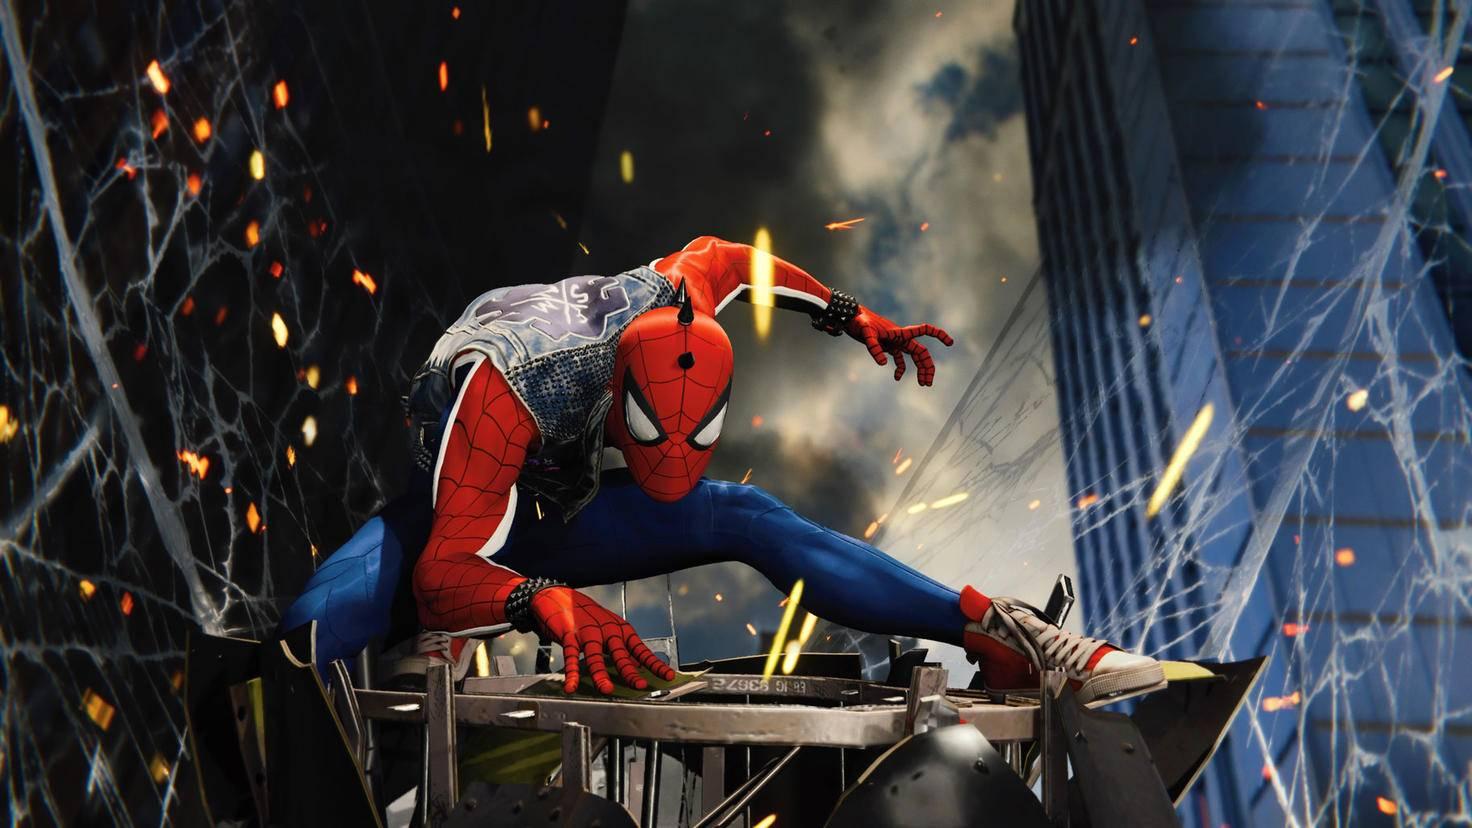 spider-man-ps4-test-spider-punk